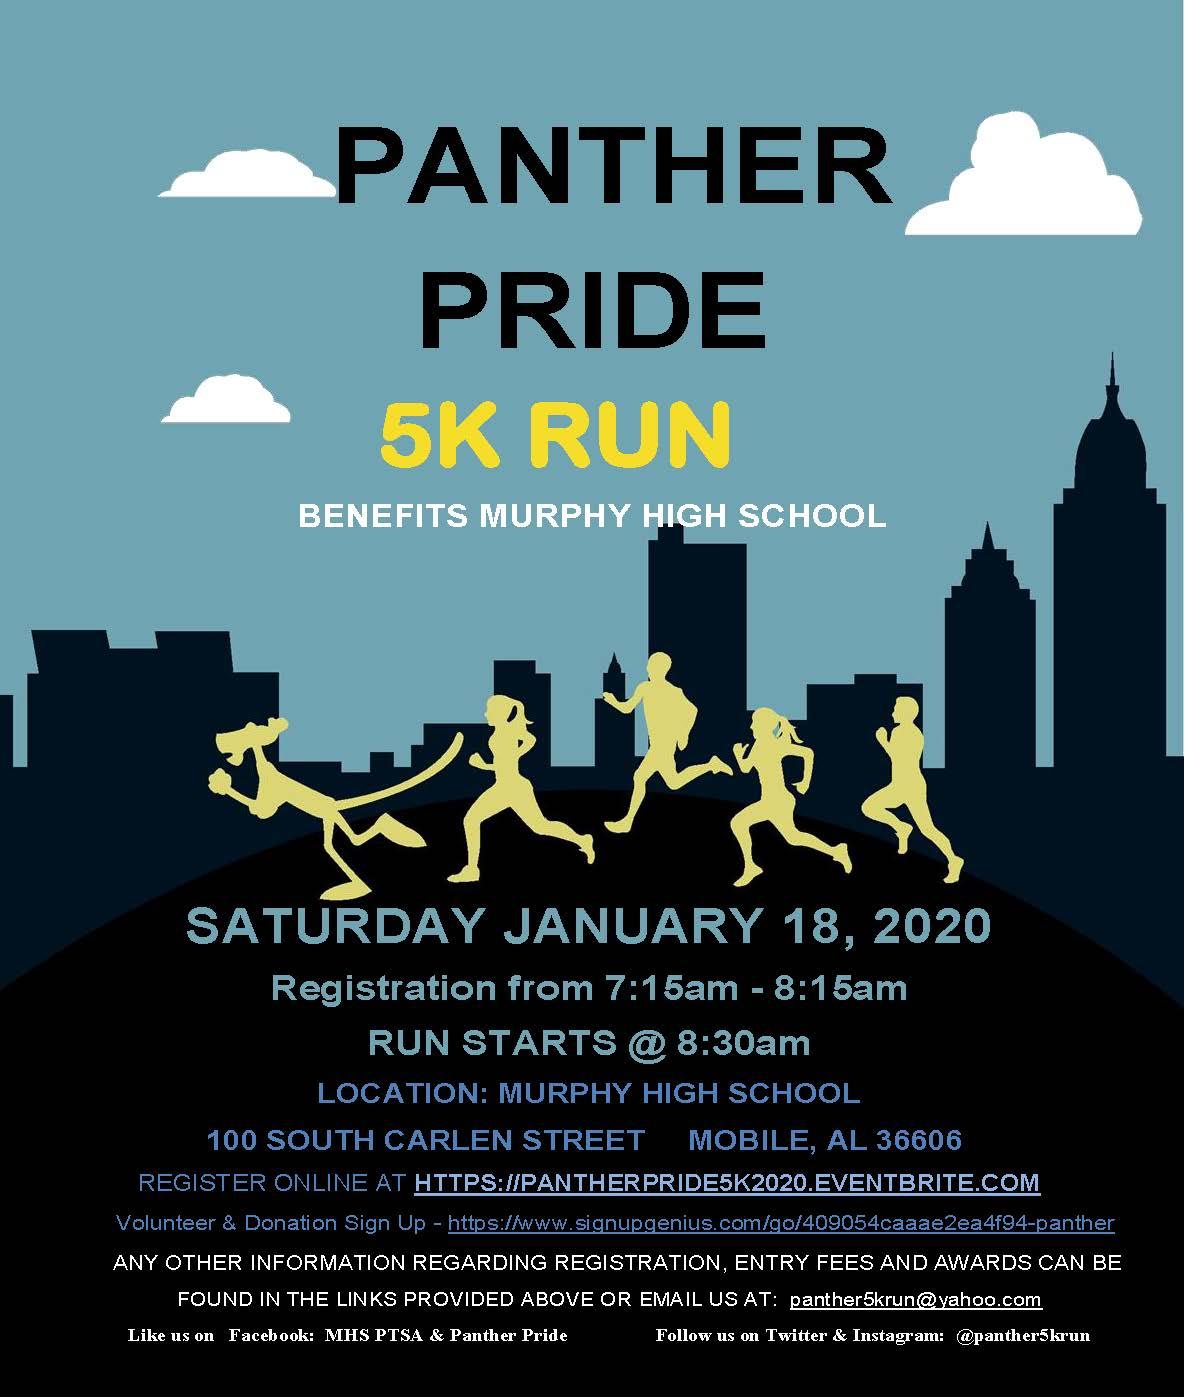 Panther Pride 5K